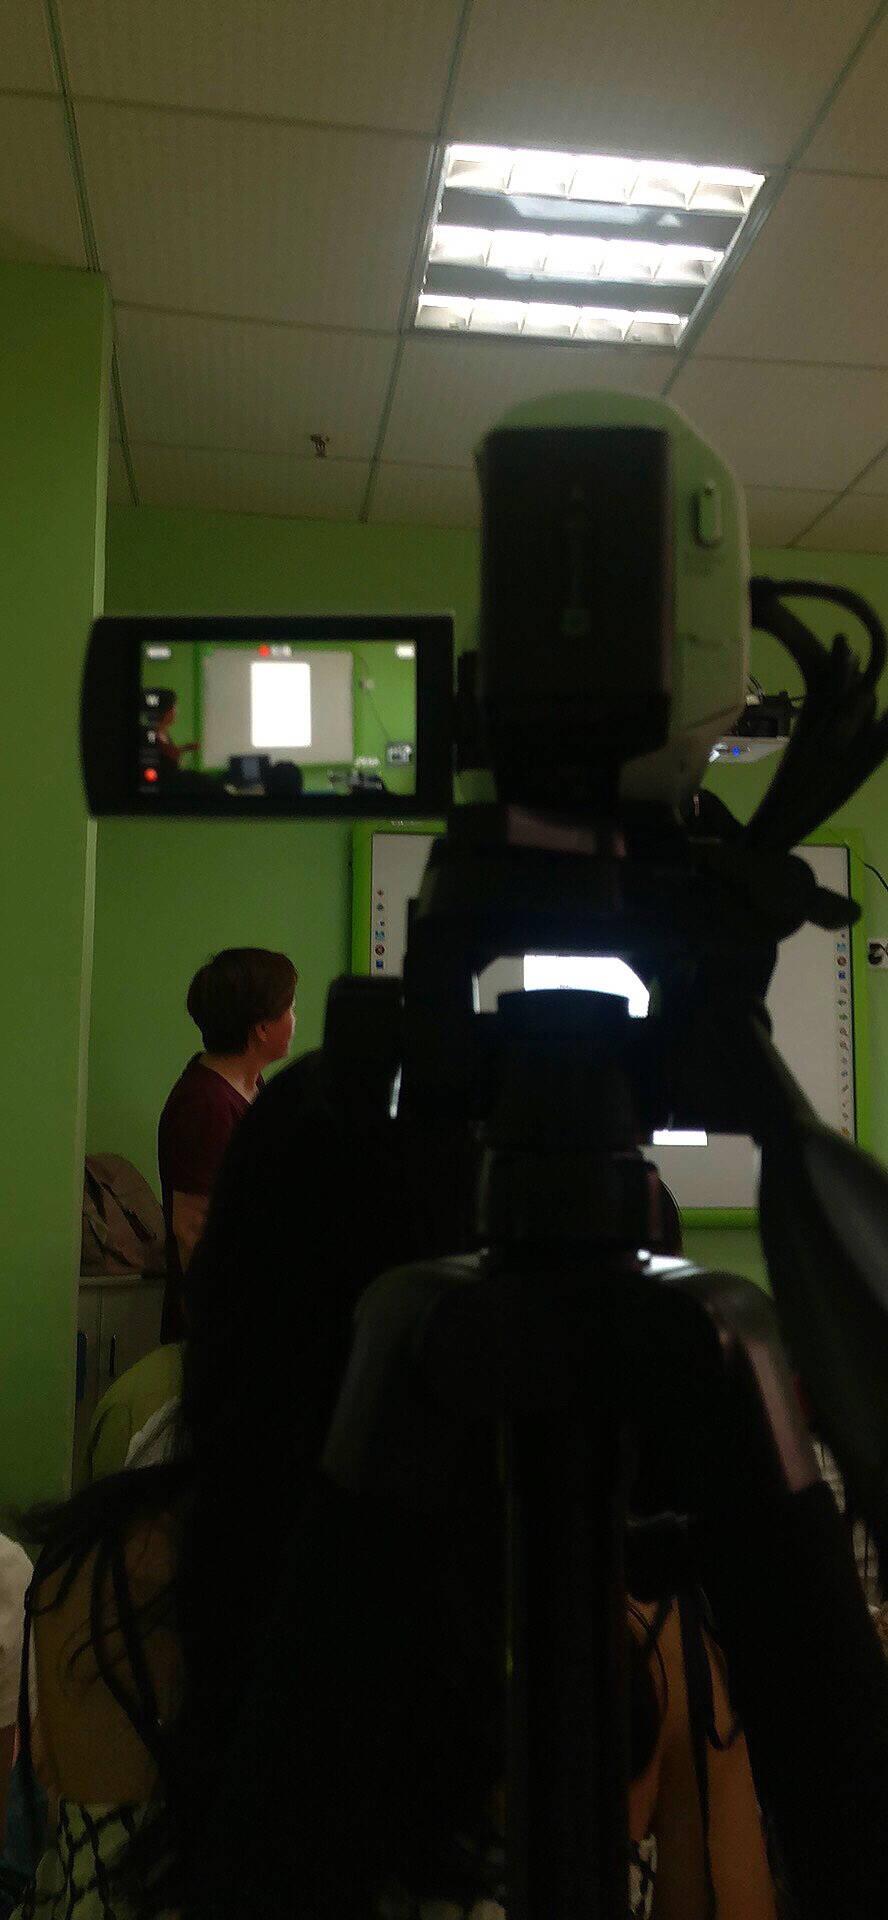 索尼(SONY)HDR-CX680高清数码摄像机5轴防抖30倍光学变焦(白色)家用DV/摄影/录像